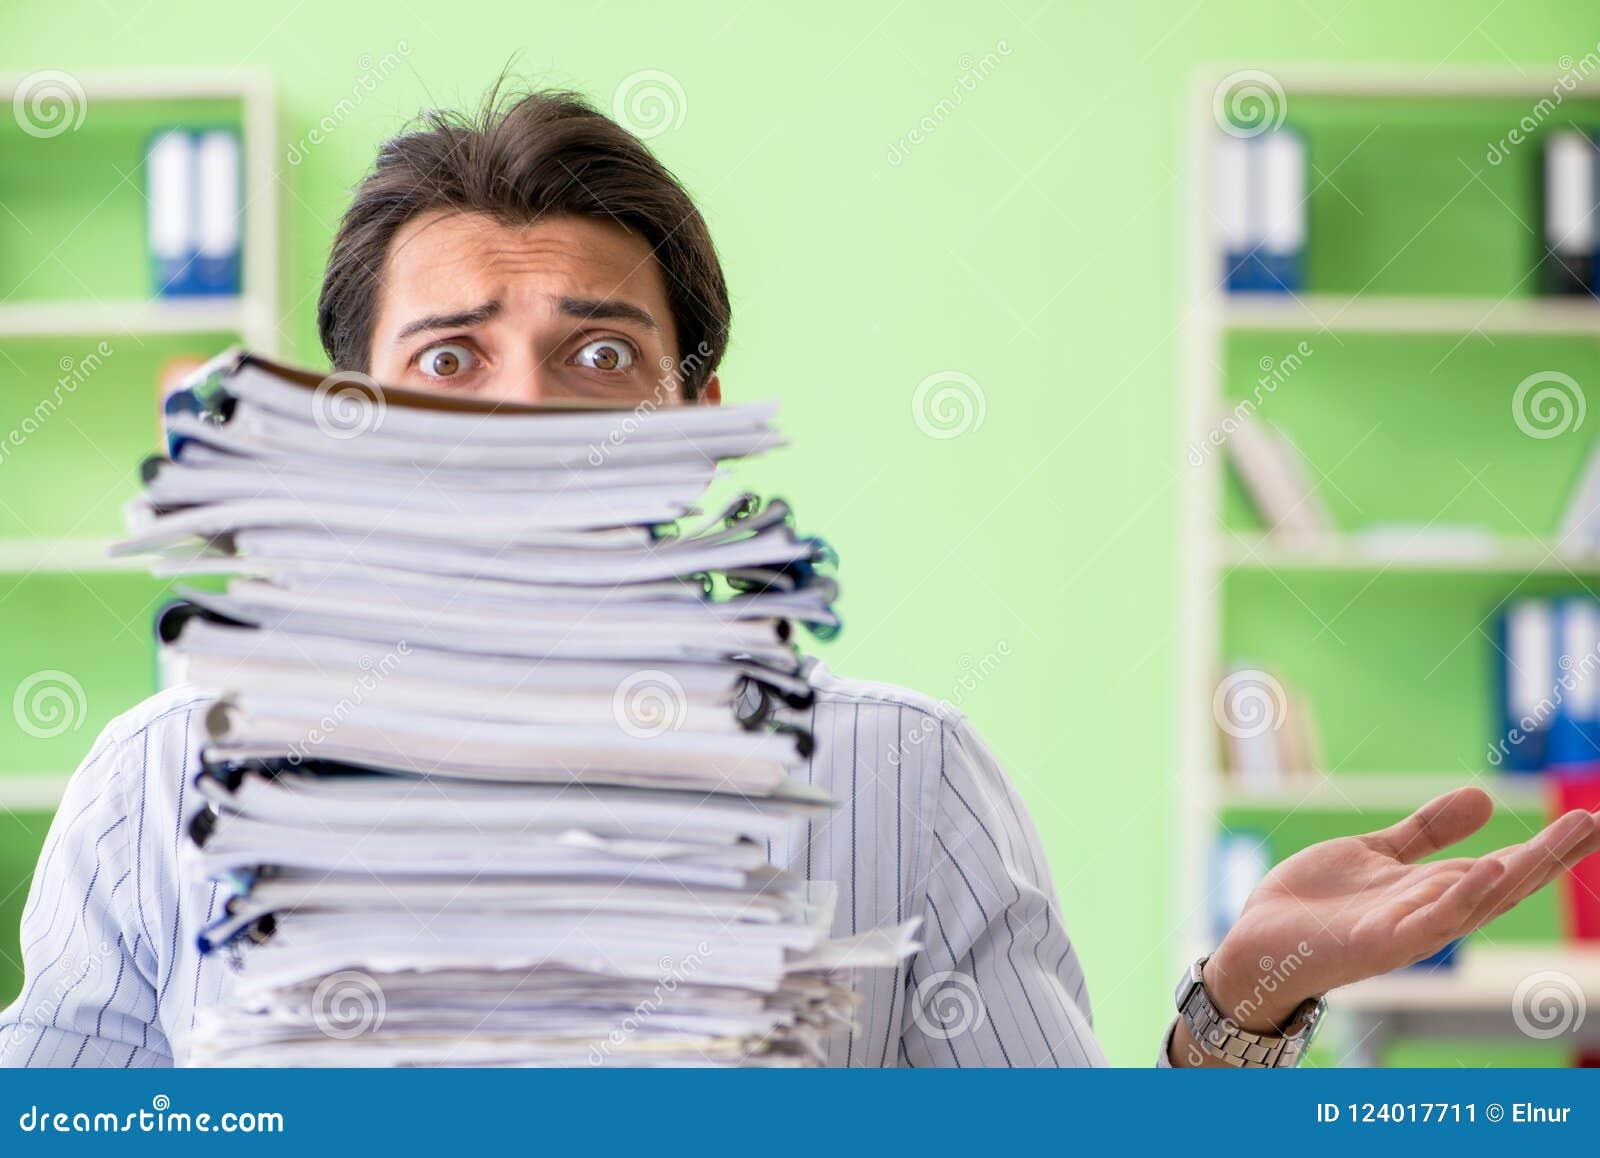 Бизнесмен имея проблемы с обработкой документов и рабочей нагрузкой